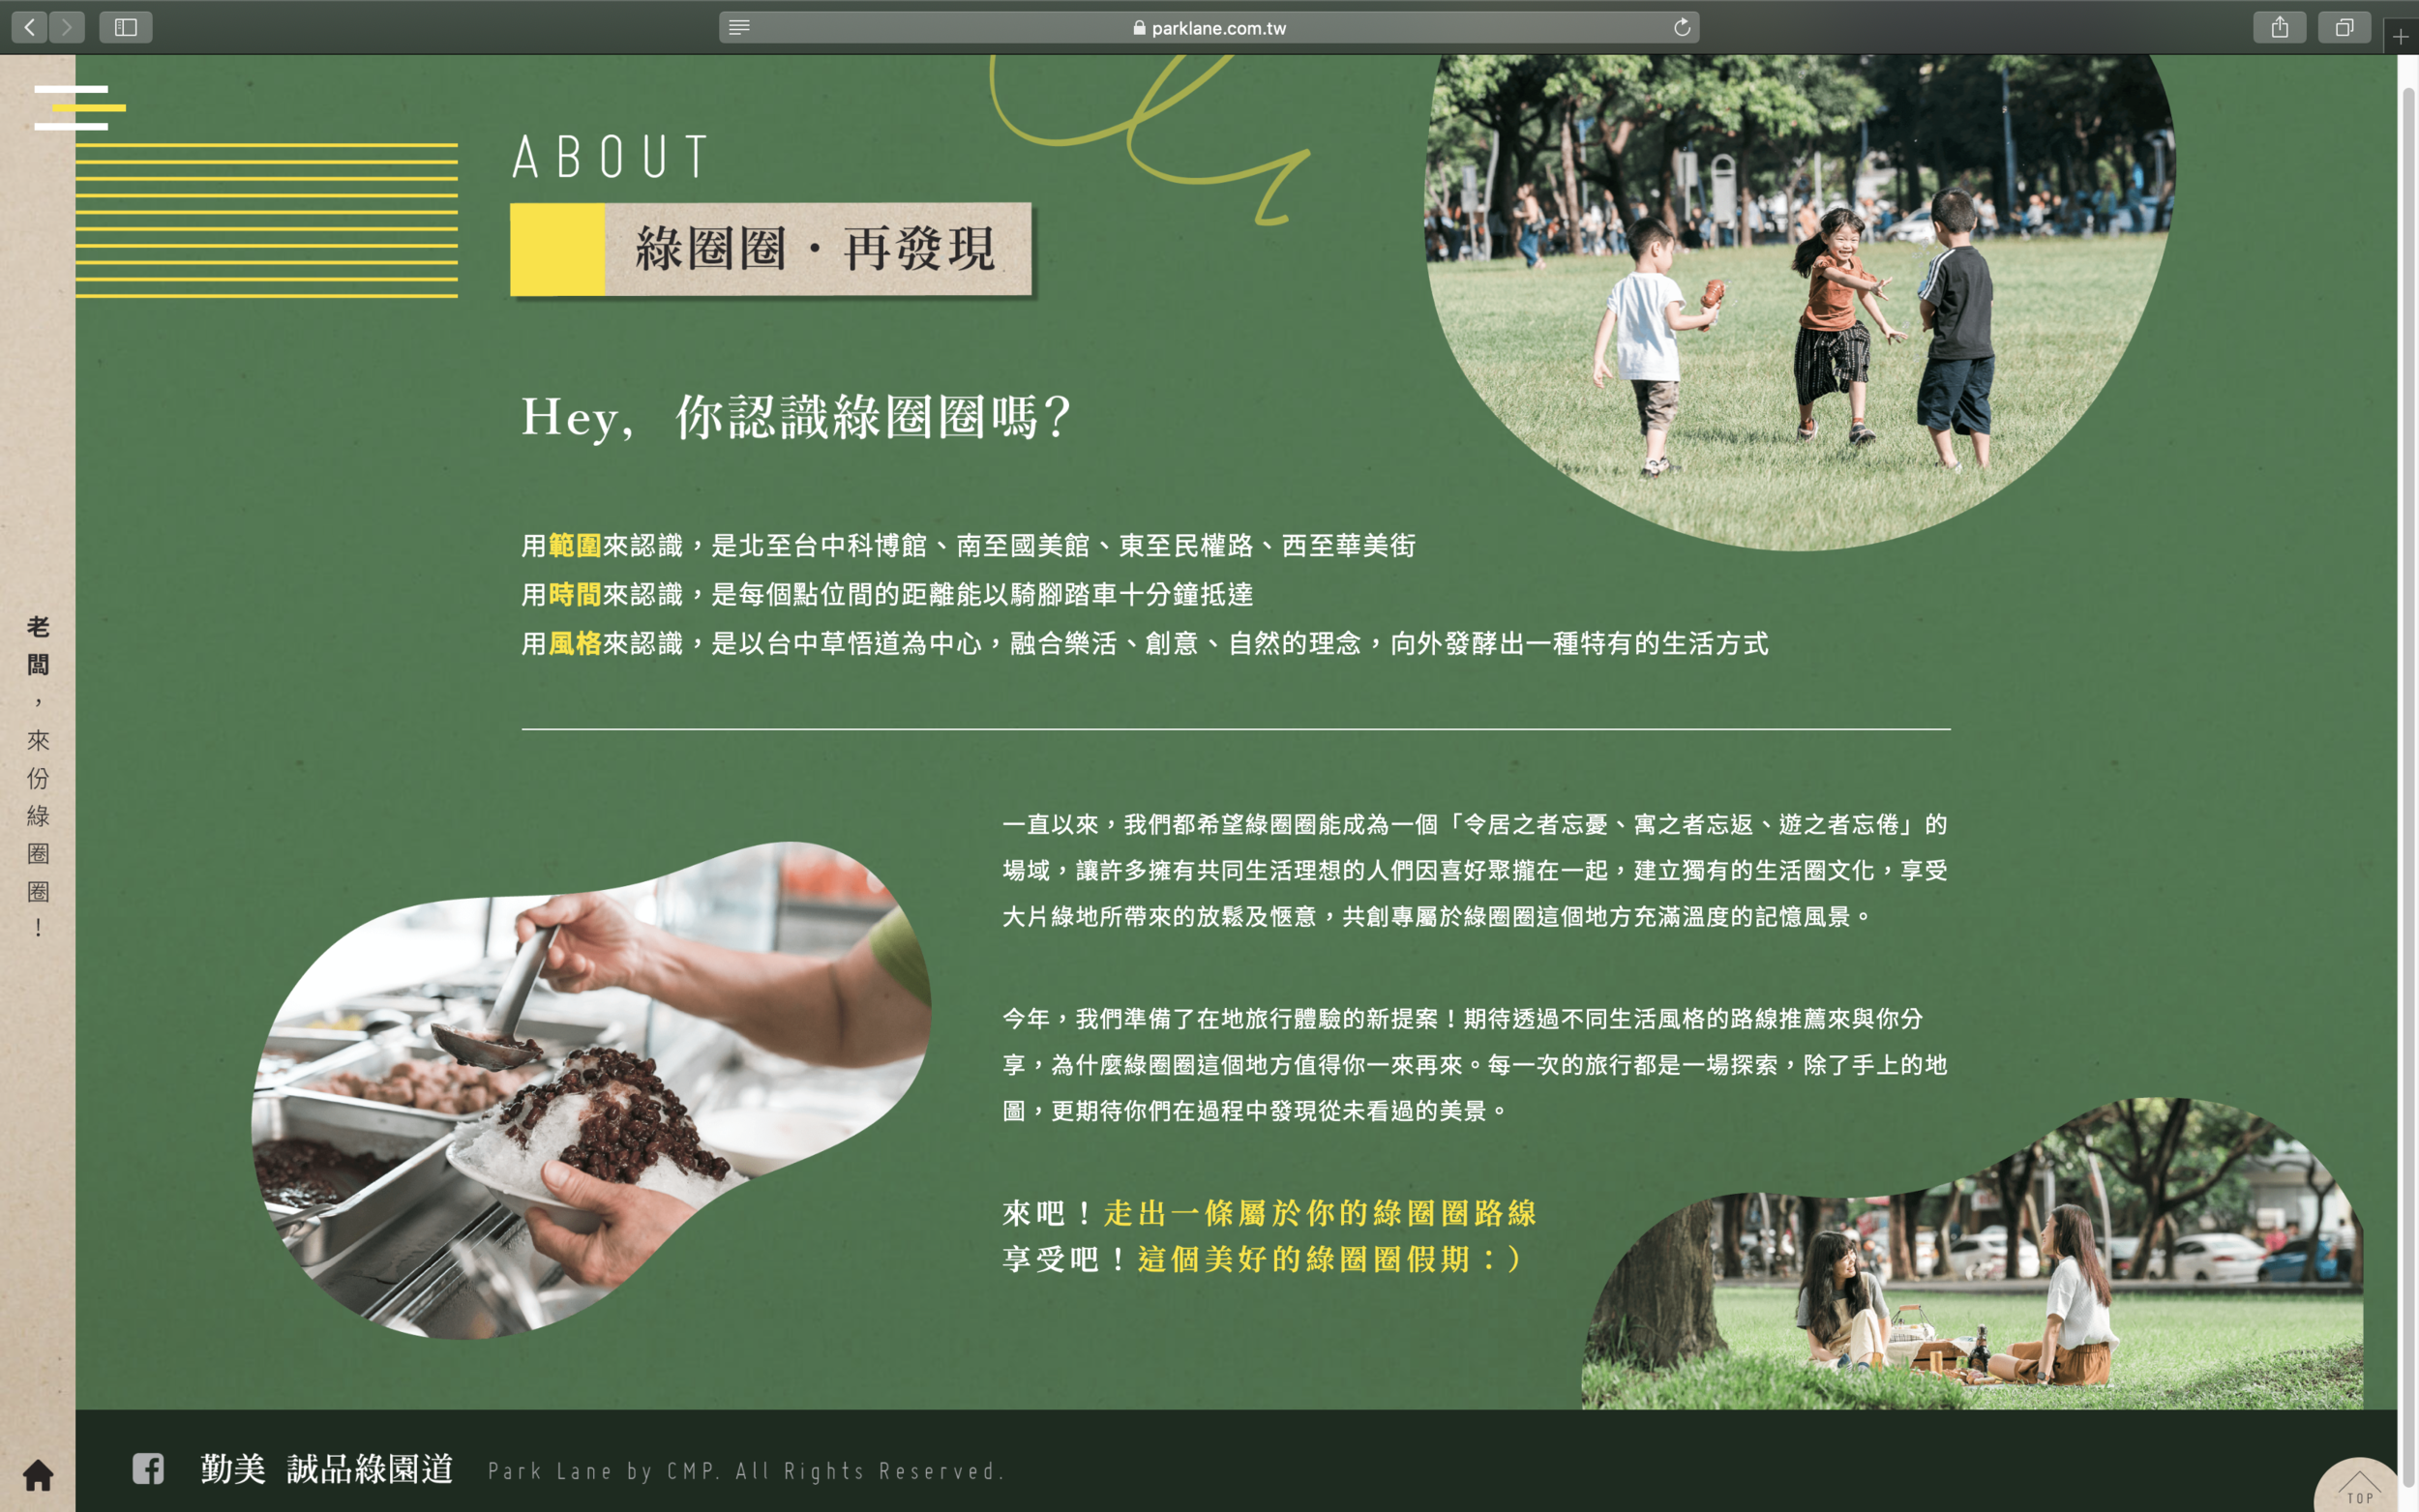 綠圈圈企劃_Web8.png